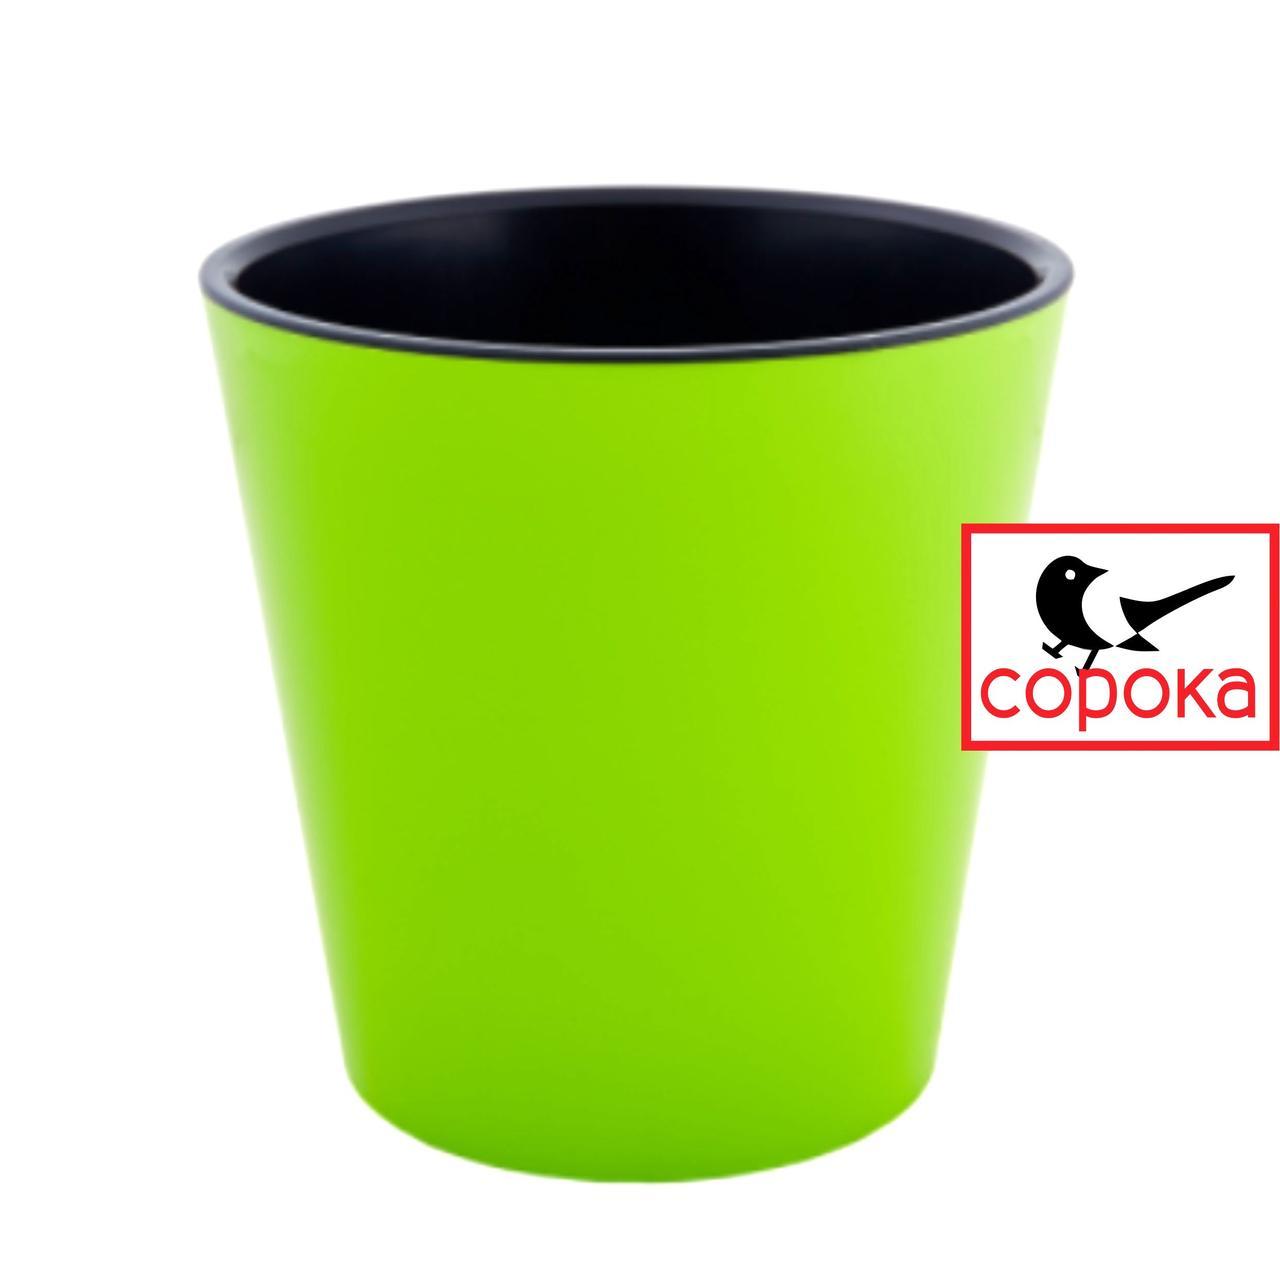 Вазон для цветов Алеана Деко 16*15,5см оливковый 1,8л (Горшок для растений Деко со вставкой 1,8л)